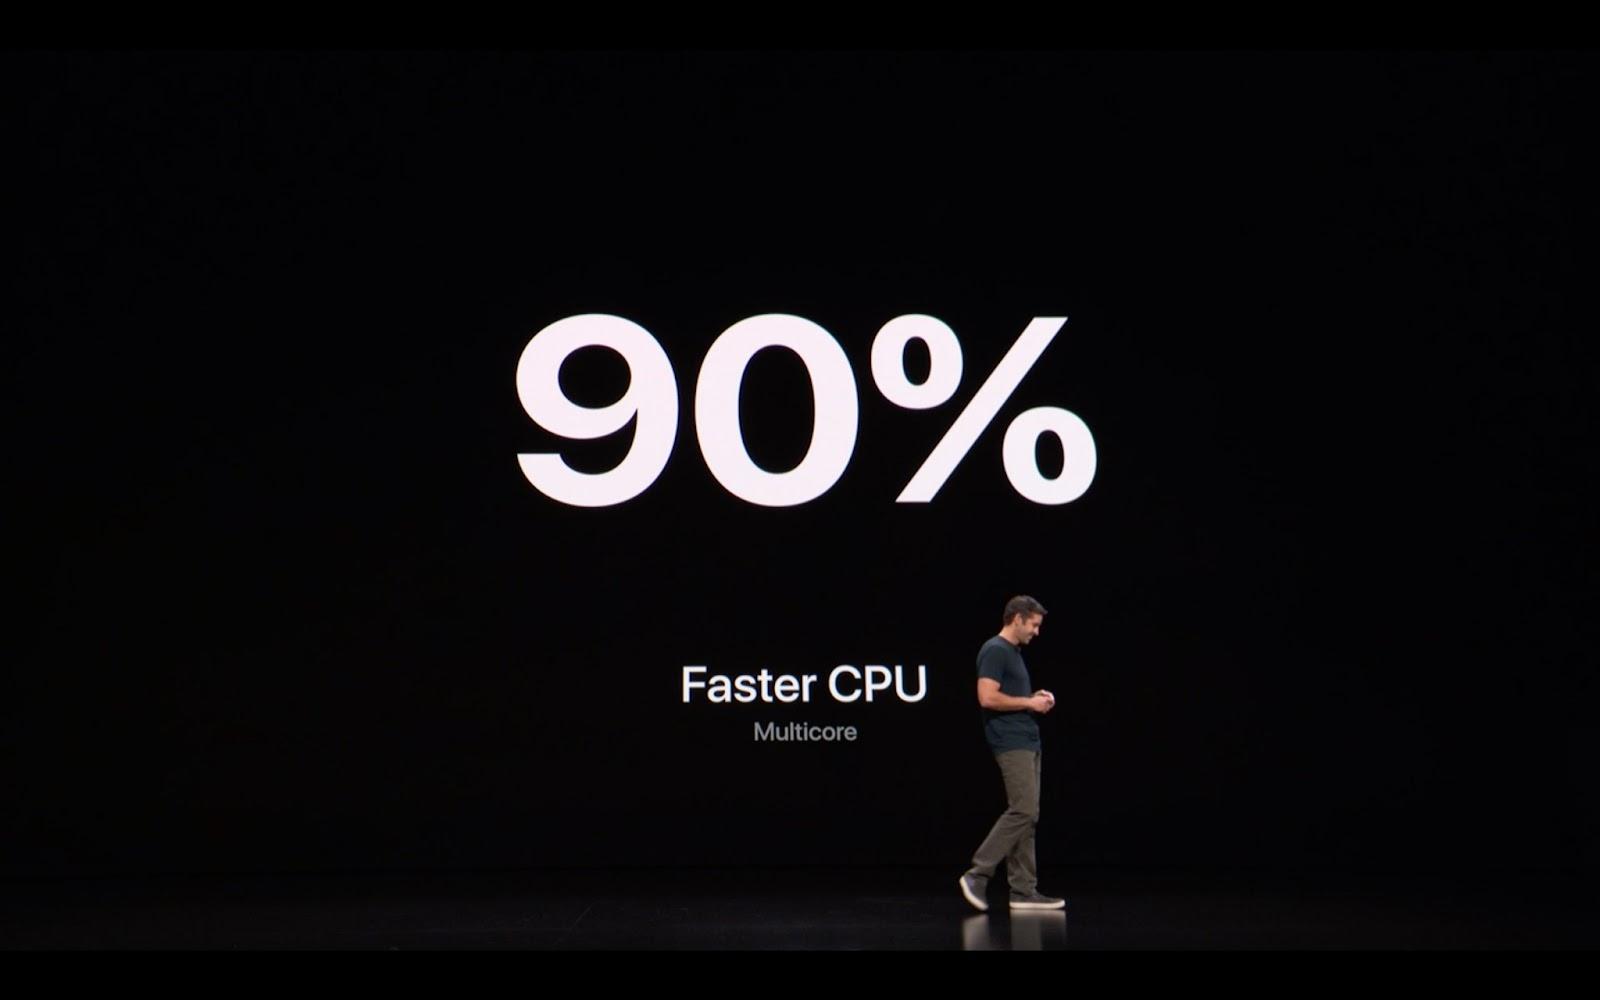 Đang tải iPad_2018-25.jpg…